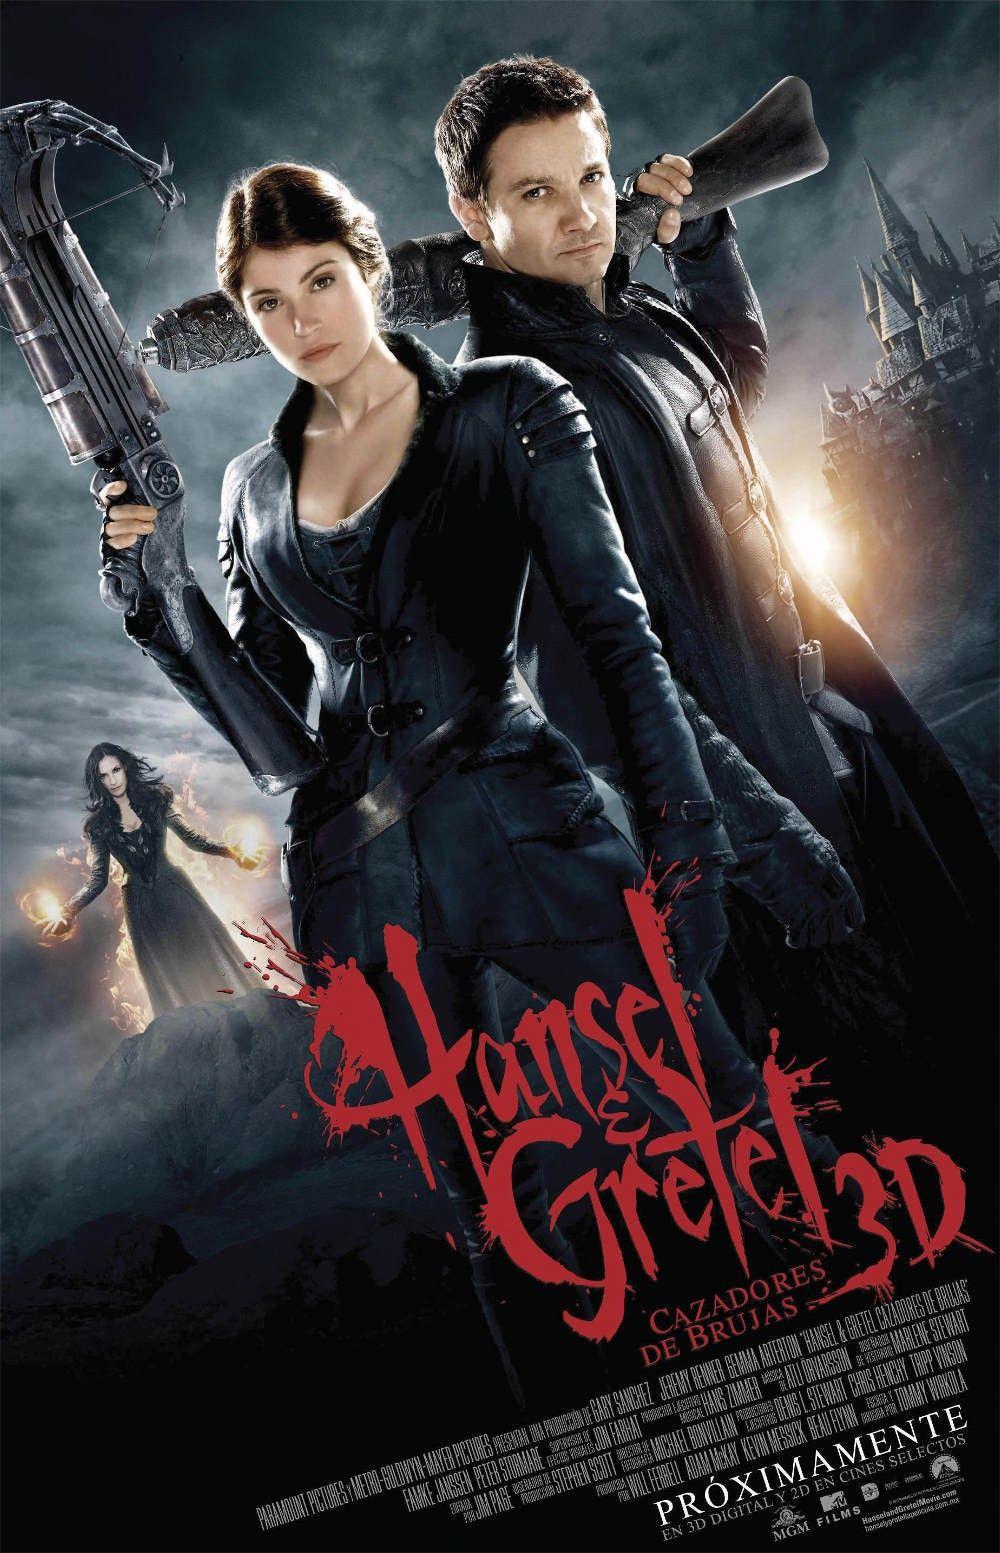 Hansel Y Gretel Cazadores De Brujas Peliculas Completas Hansel Y Gretel Cine